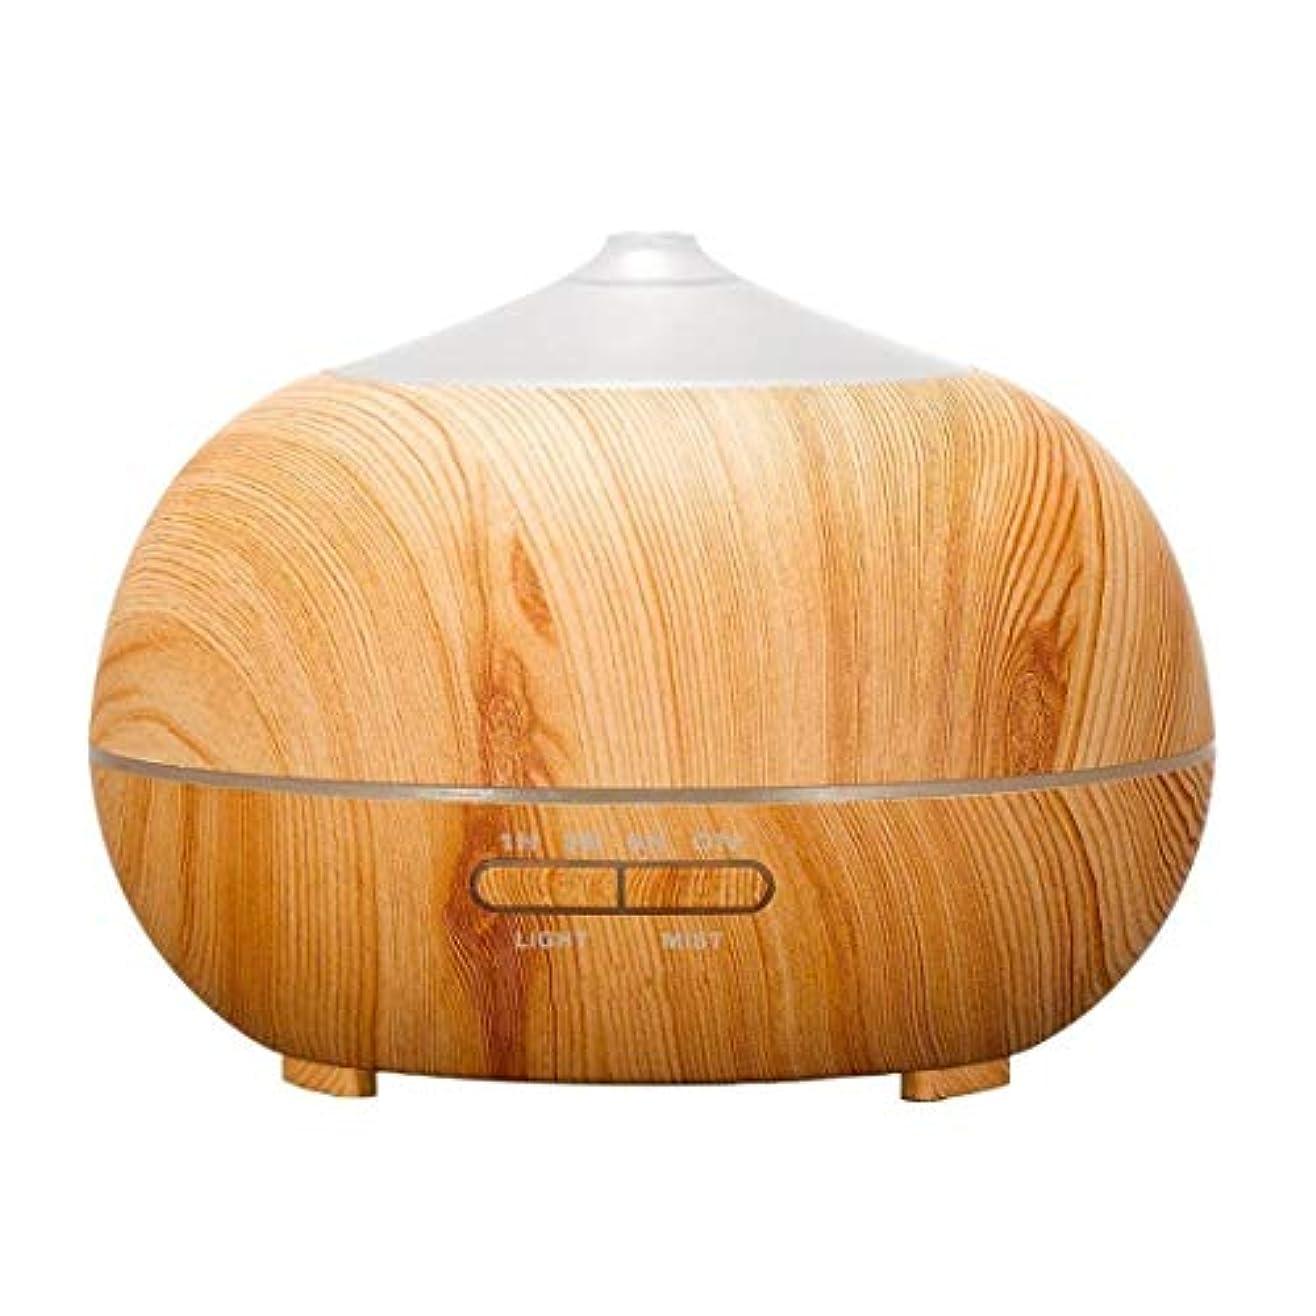 雑品ドット製品オフィスホームベッドルーム用超音波空気加湿器-アロマディフューザー-エッセンシャルオイルディフューザー-快適に眠り、職場を簡単に制御できる超静音